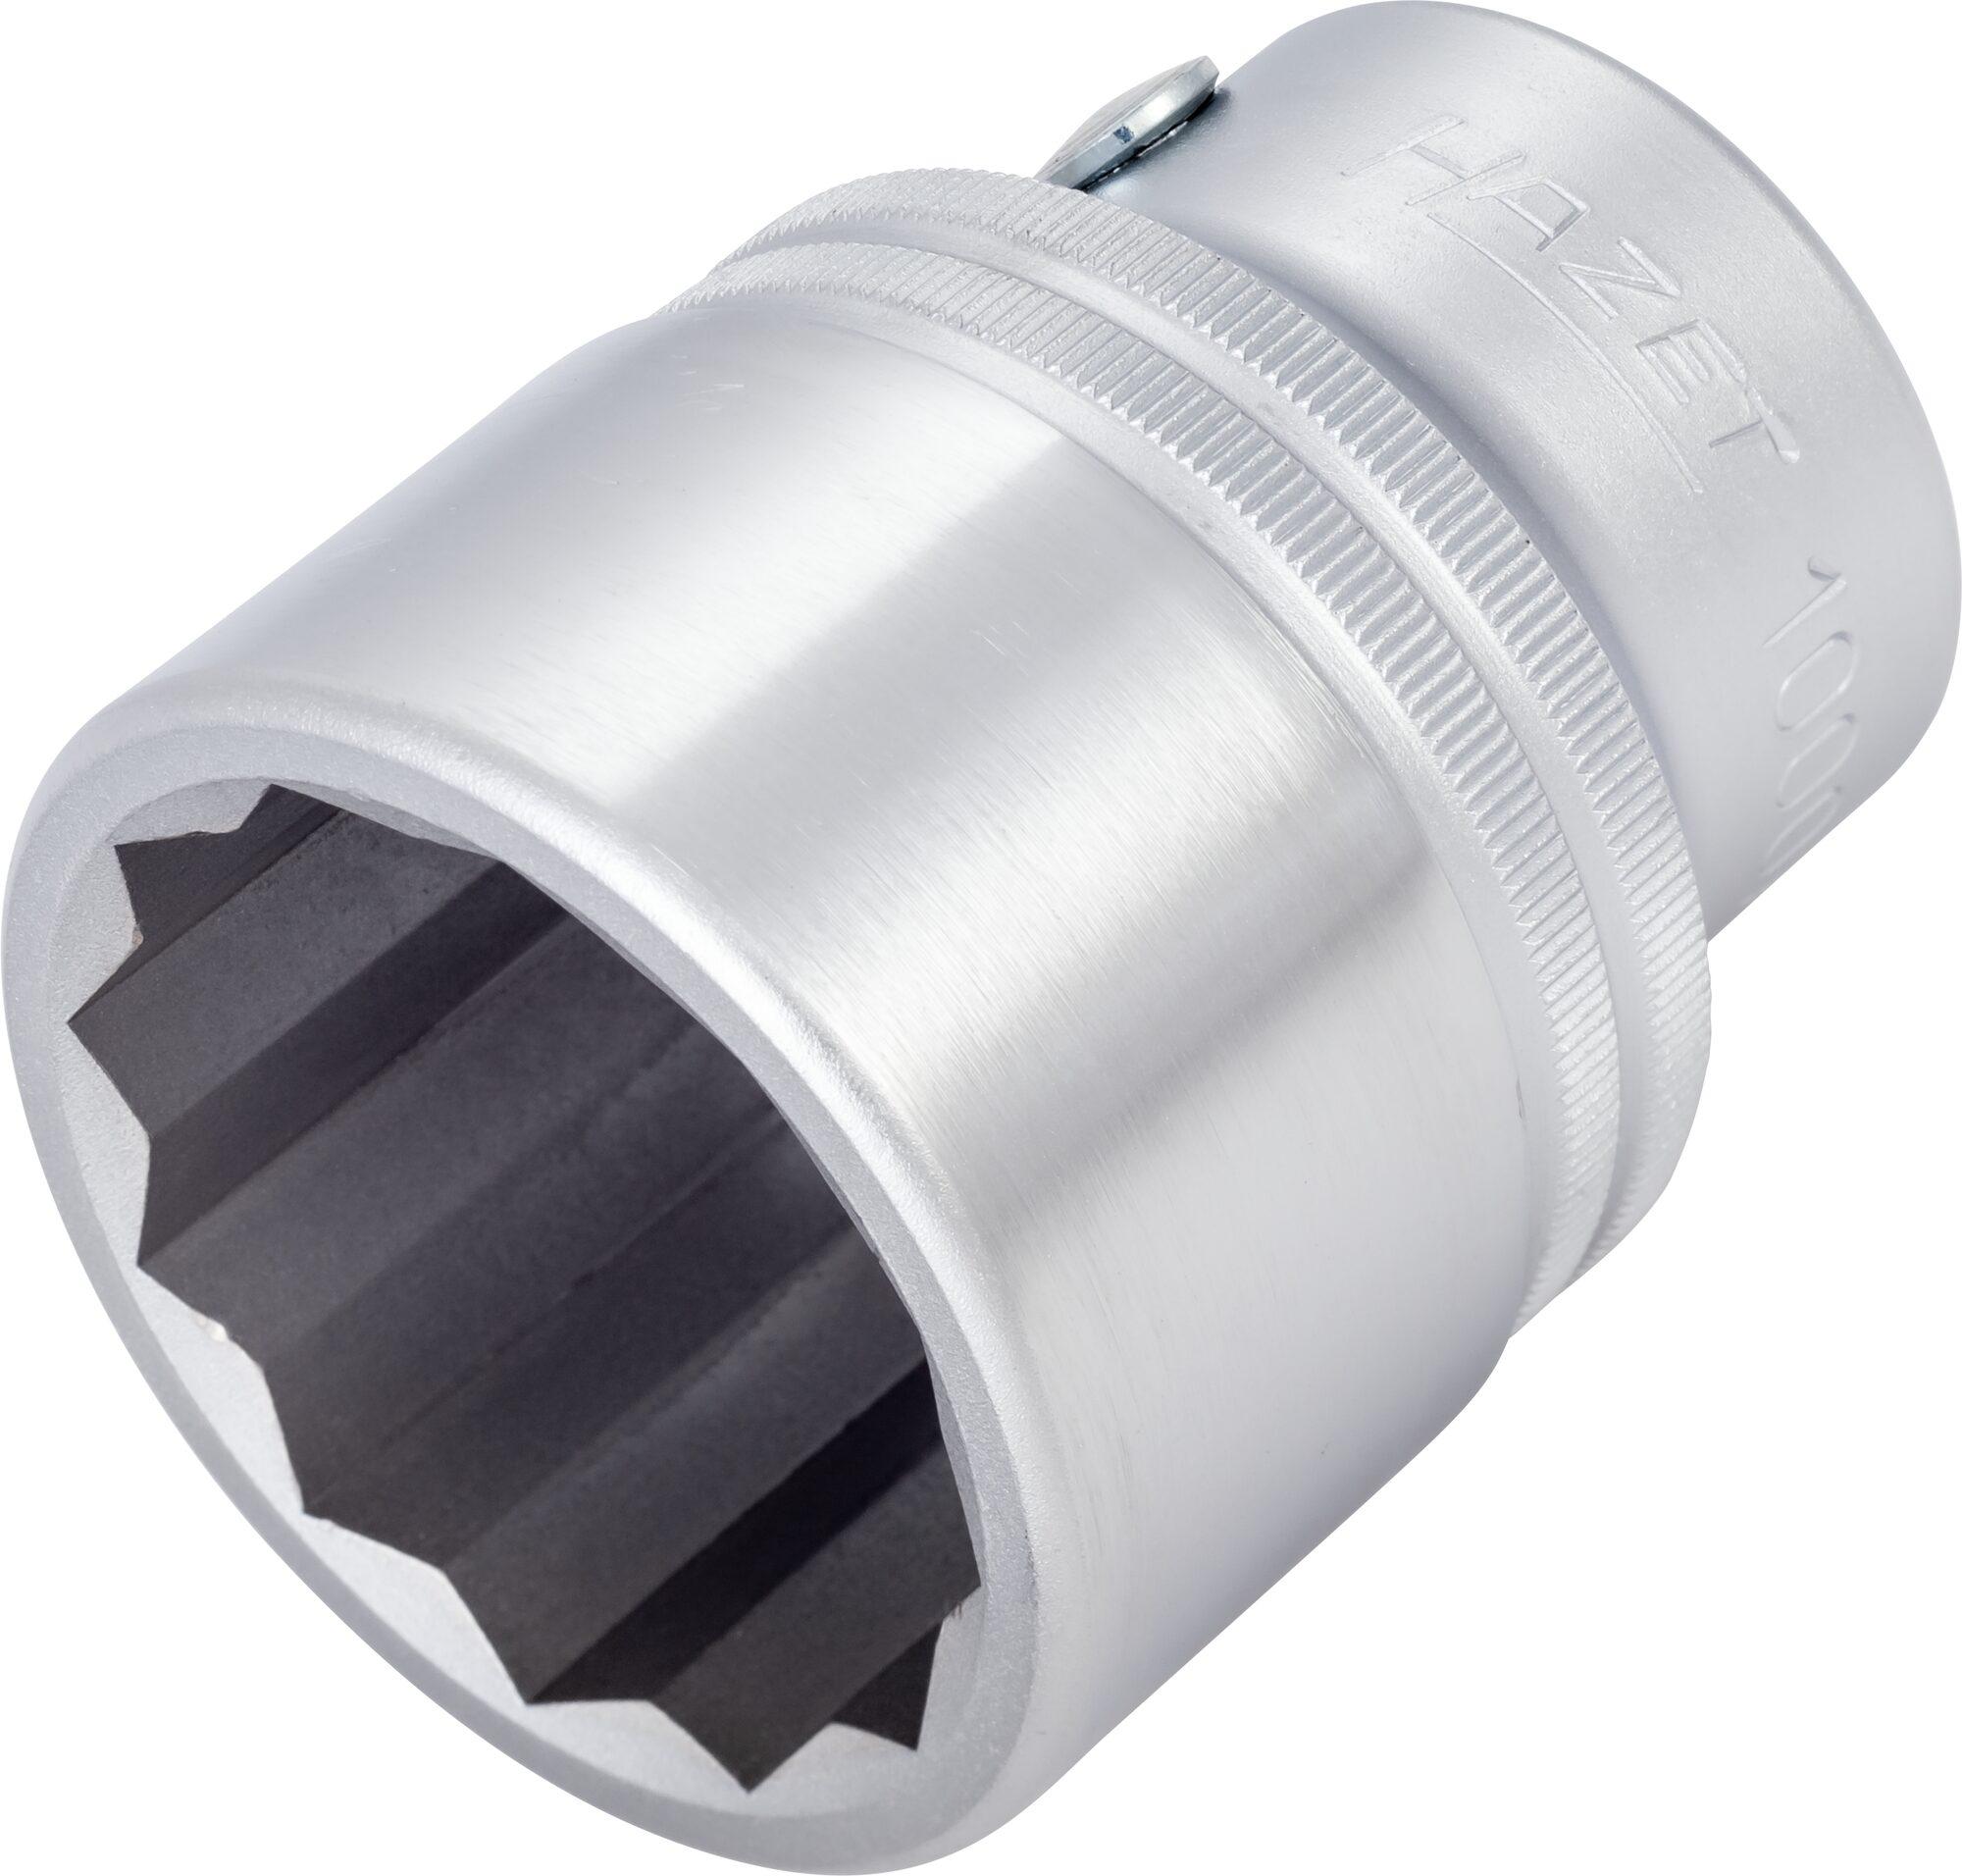 HAZET Steckschlüsseleinsatz ∙ Doppelsechskant 1000AZ-1.1/2 ∙ Vierkant hohl 20 mm (3/4 Zoll) ∙ 1.1⁄2 ″